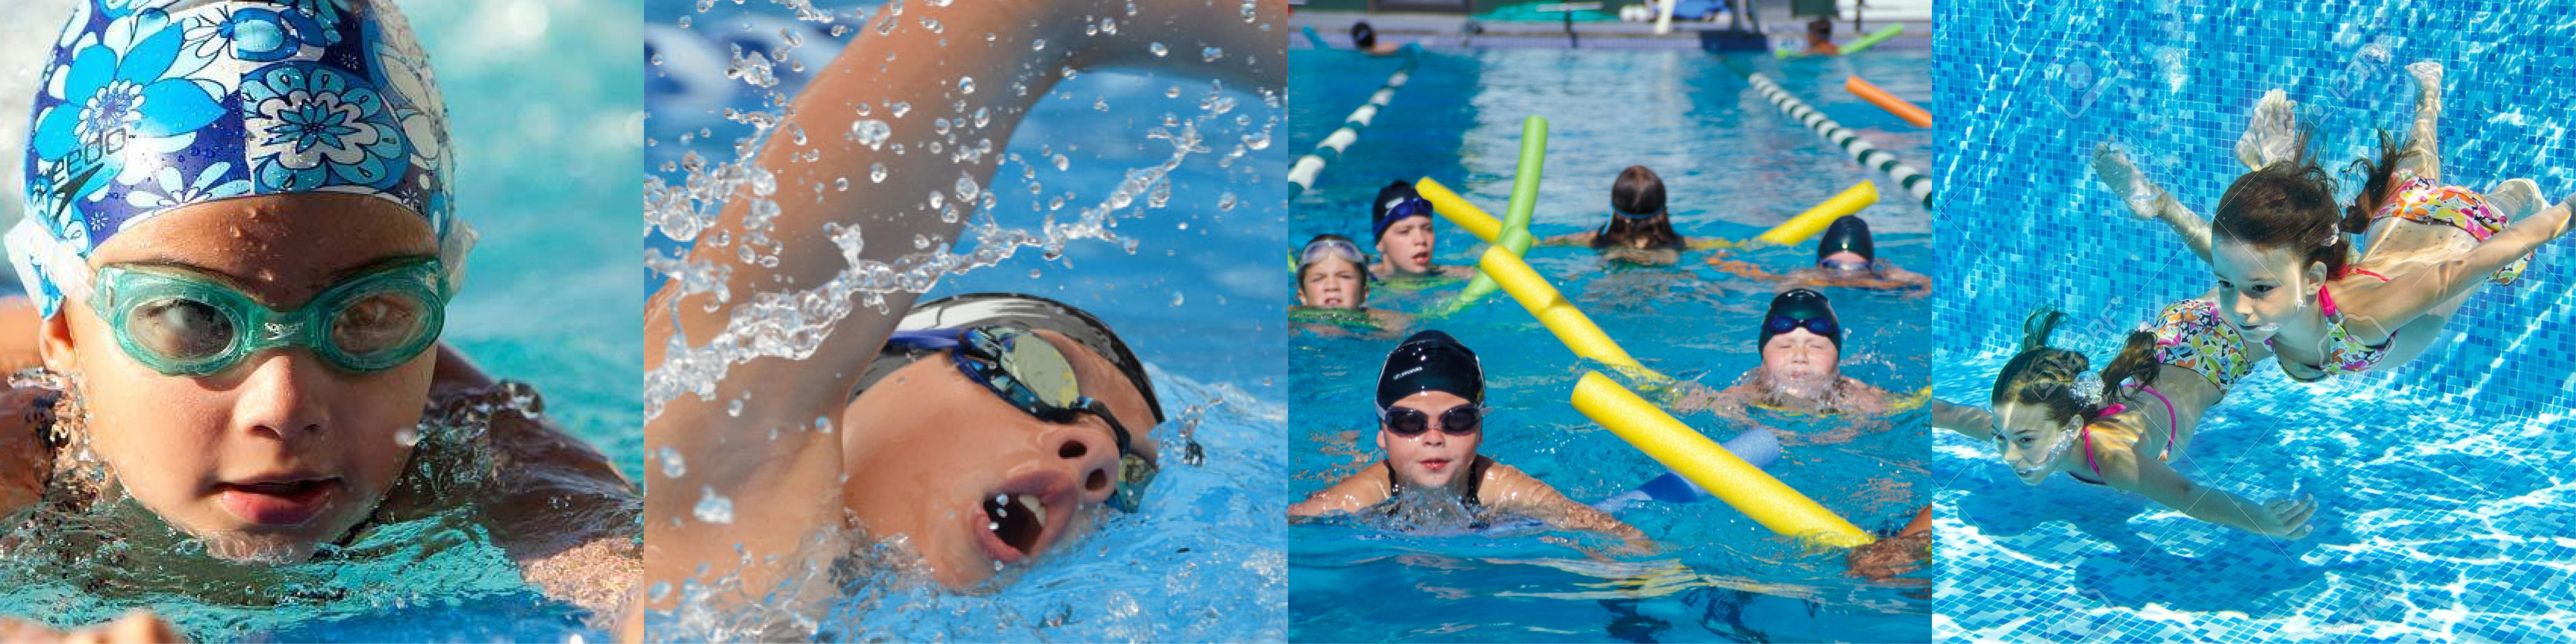 0c3500e378 Scuola Nuoto Bambini - Circolo Tennis Belle Arti Roma